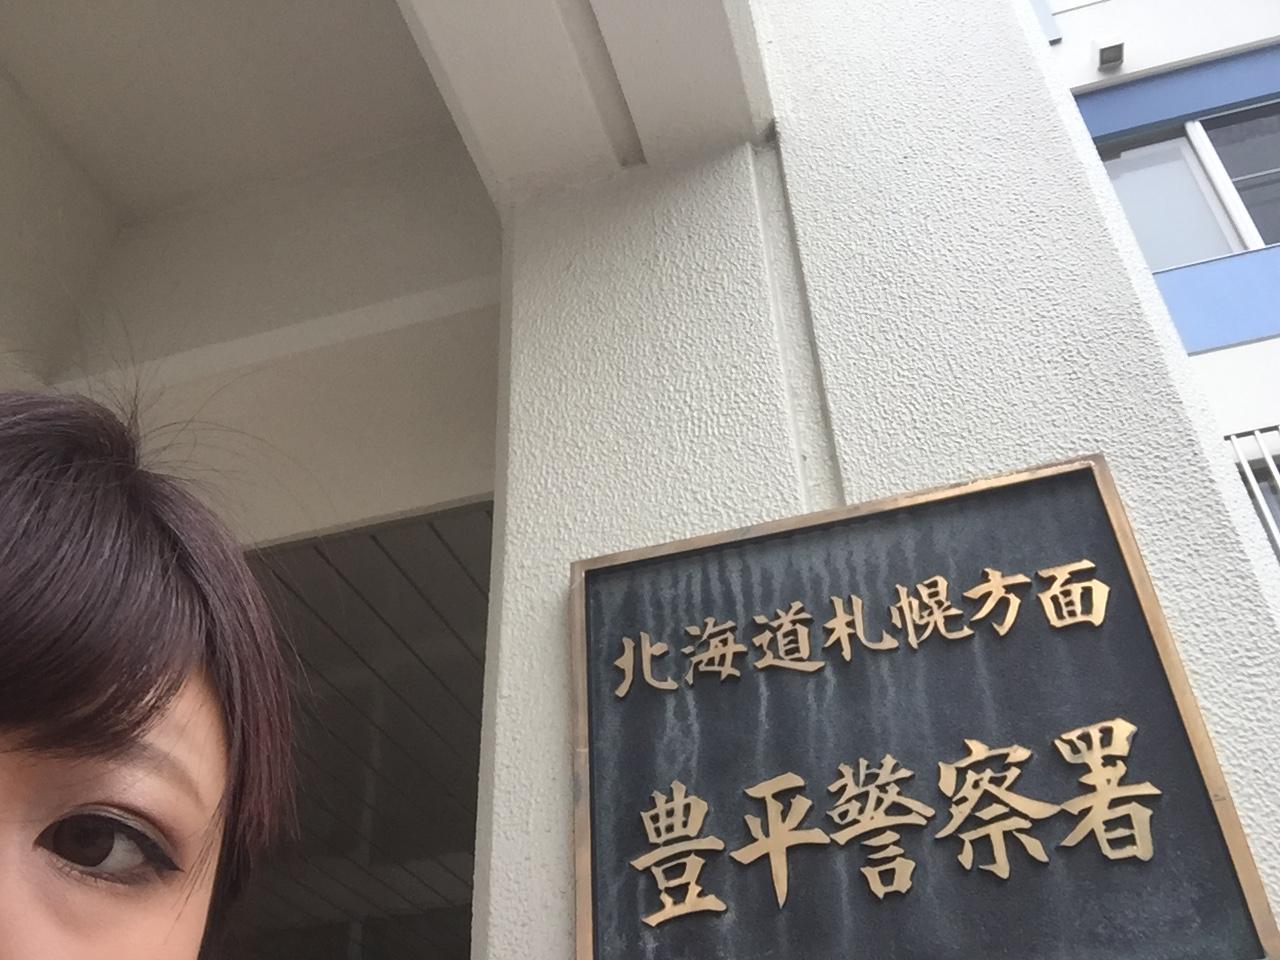 5月24日 水曜日にひとログヽ( 'ω' )ノ ランクル・アルファード・ハイエース多数取り揃え☆_b0127002_1734916.jpg